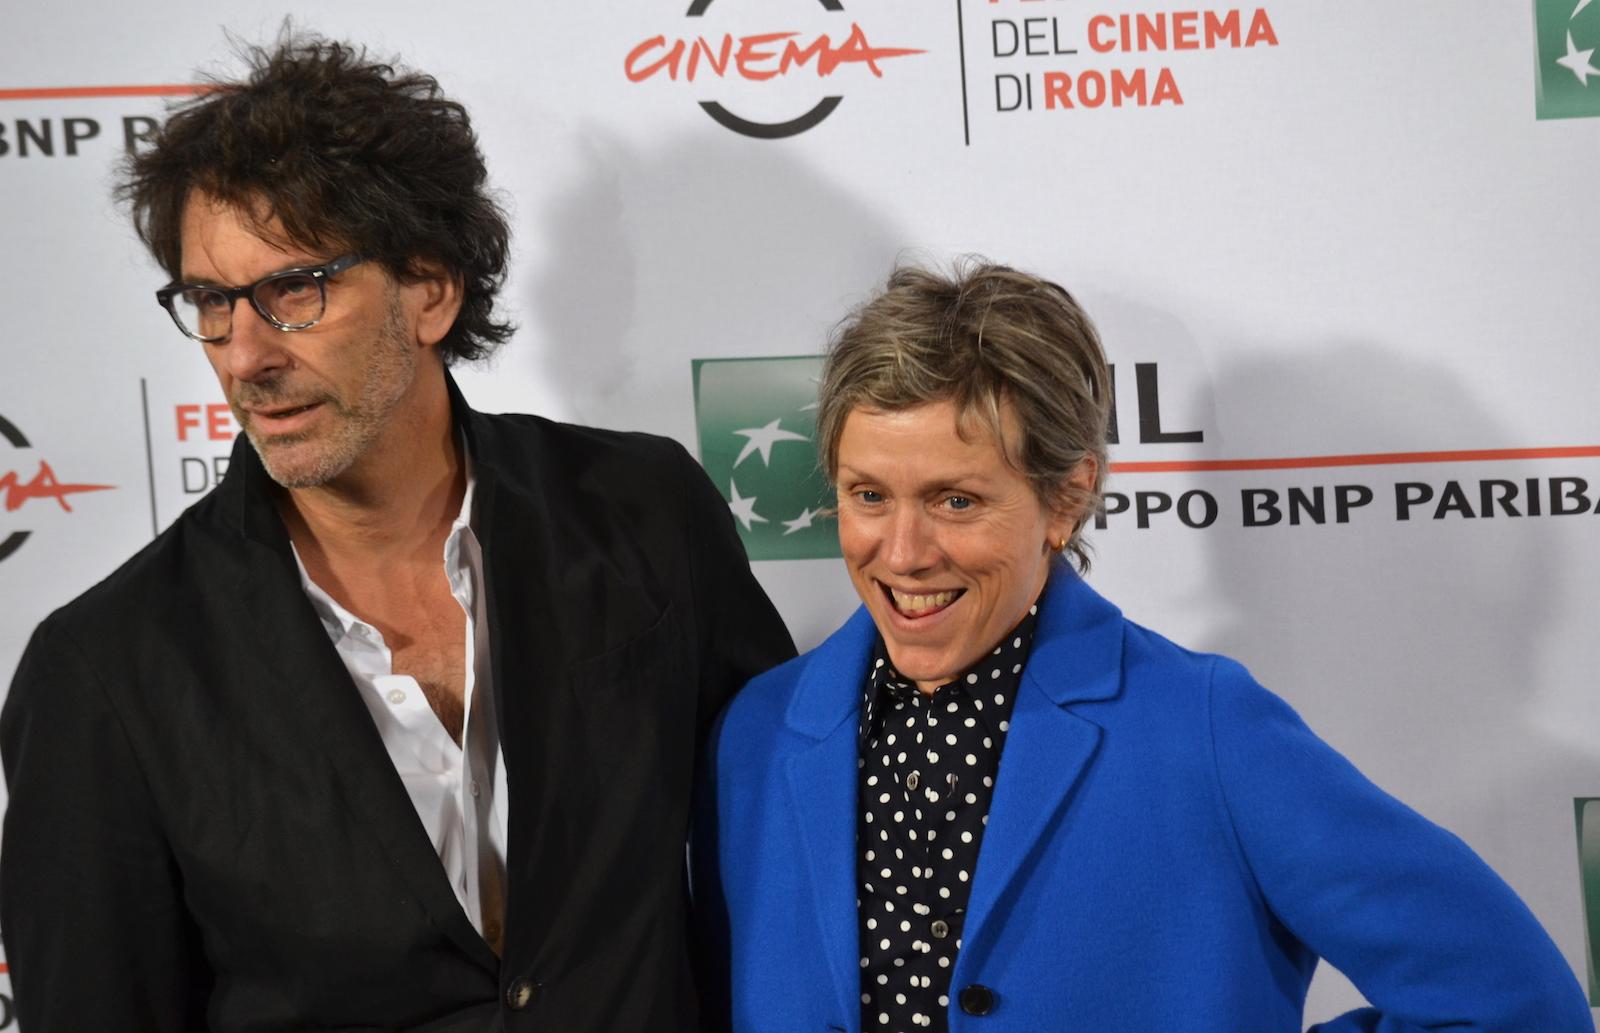 Roma 2015: Frances McDormand e Joel Coen al photocall